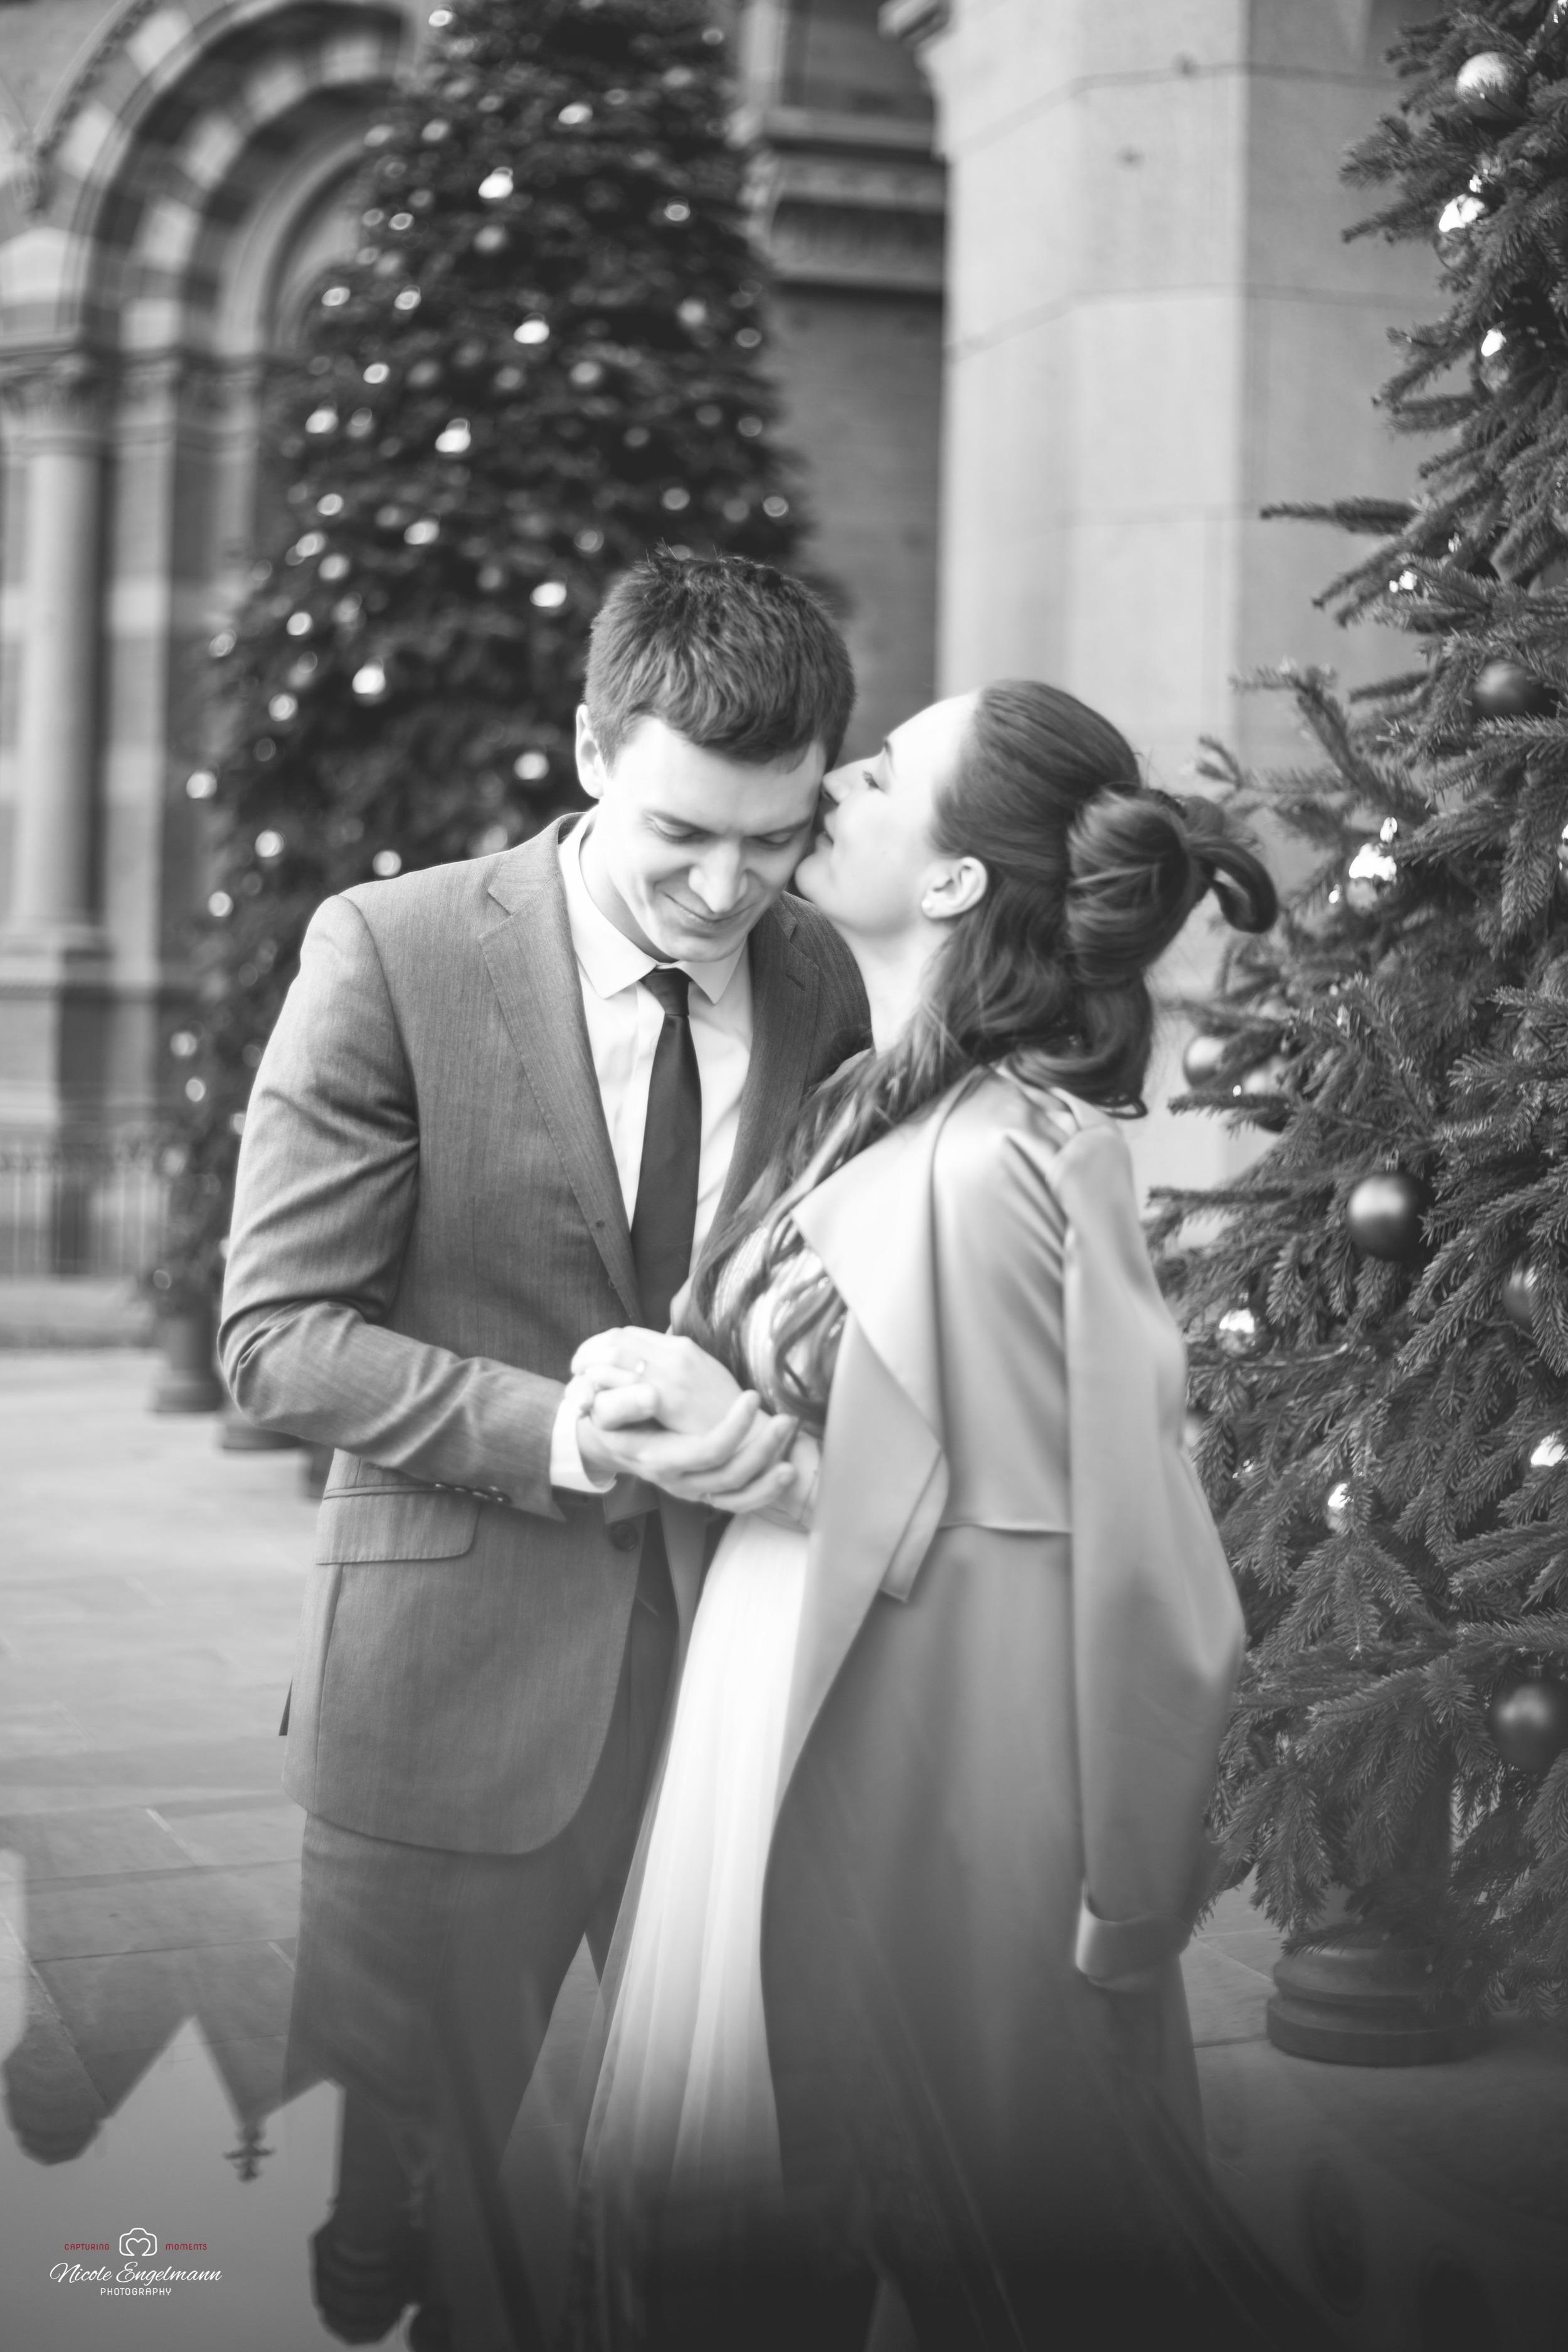 xmas-wedding-3.jpg